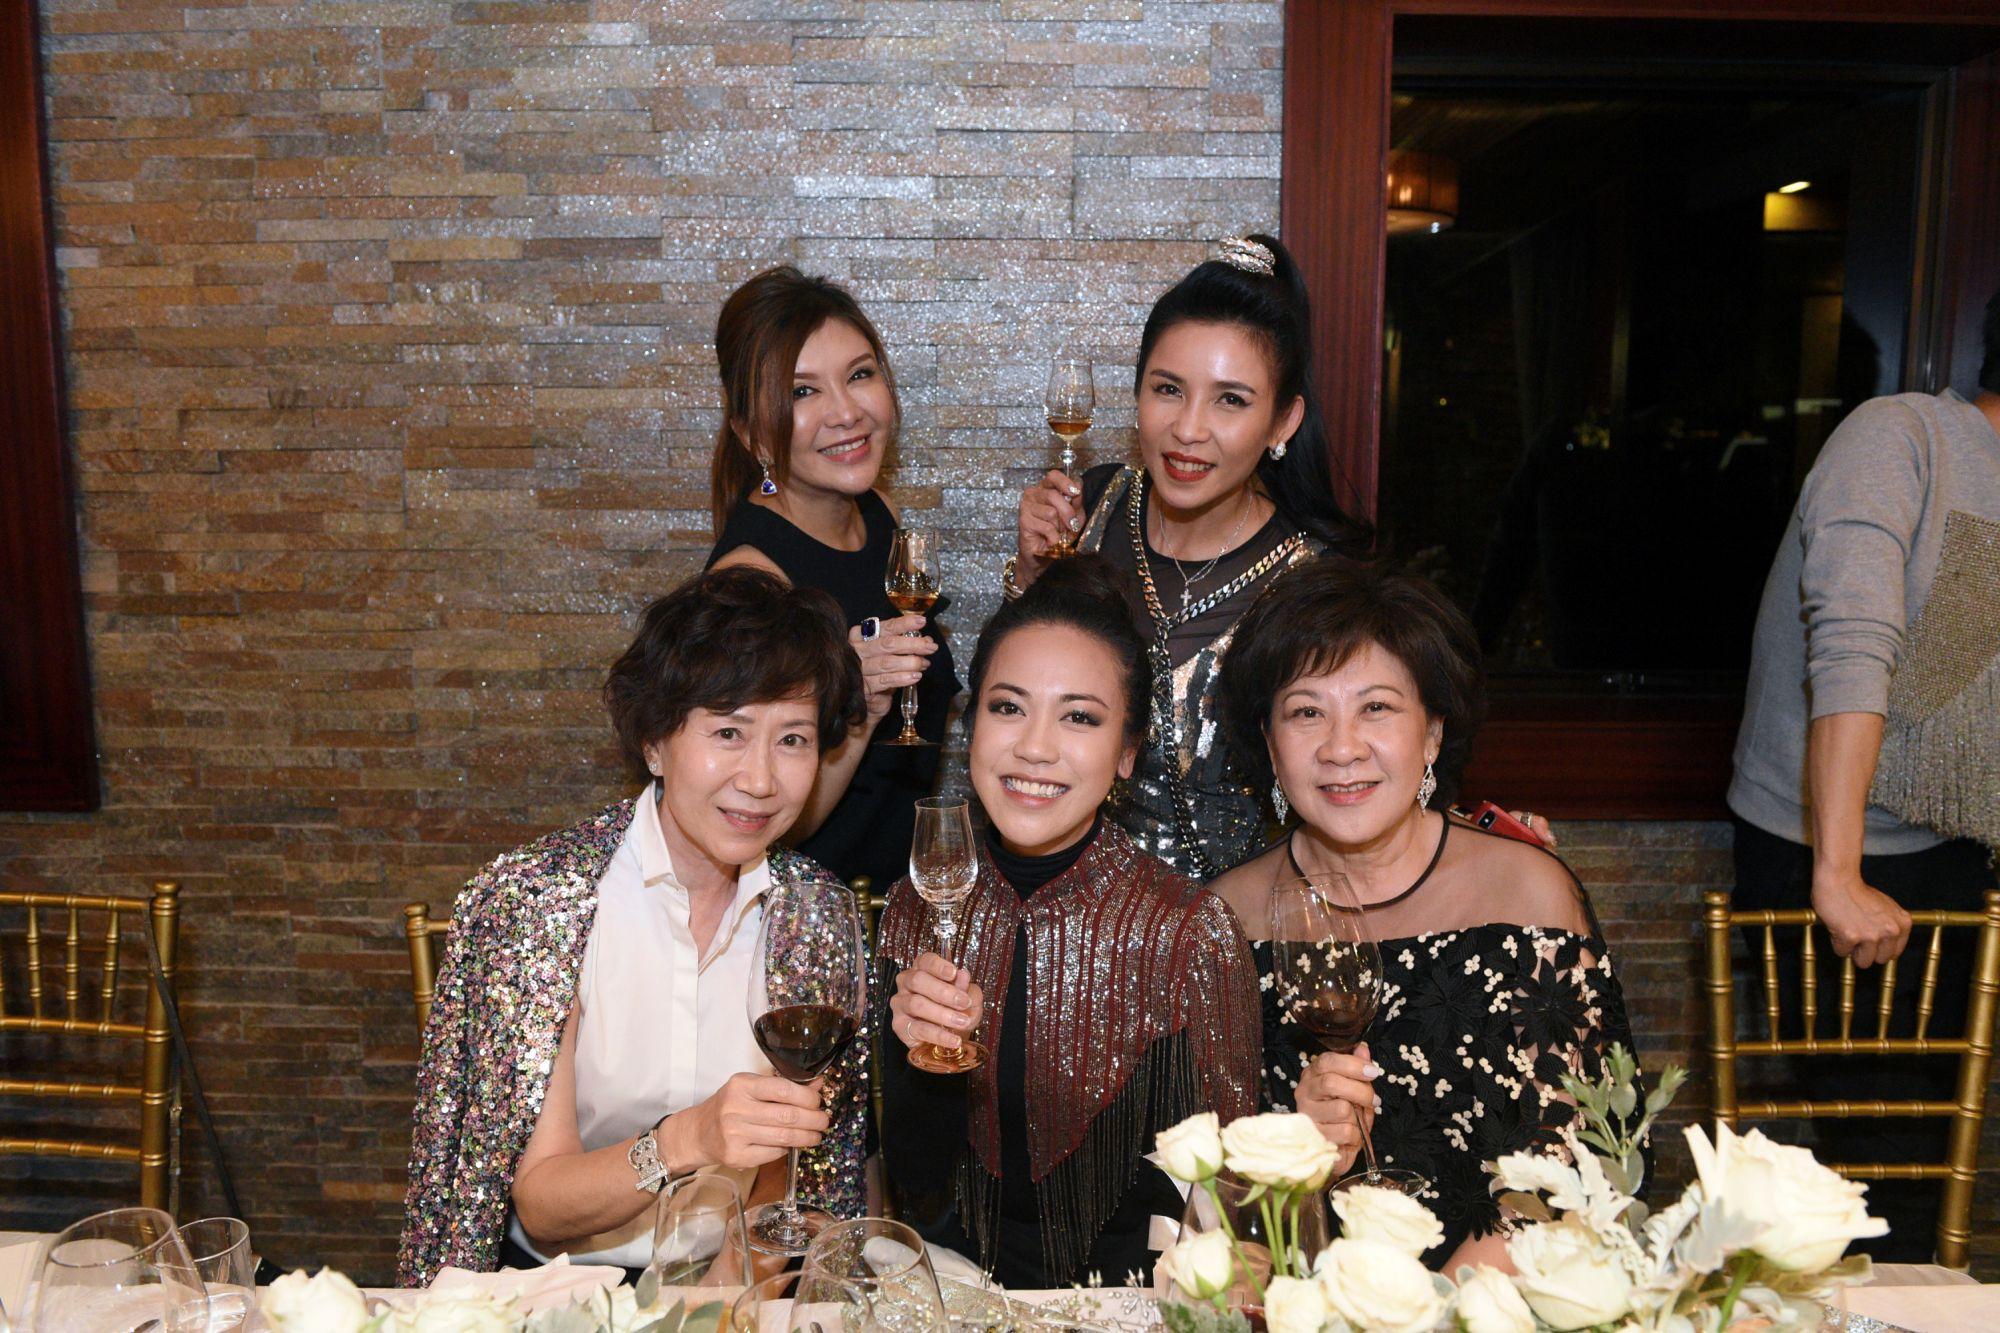 Nancy Ong, Belinda Chua, Carmen Ow, Fanty Soenardy, Ow Pui Yee